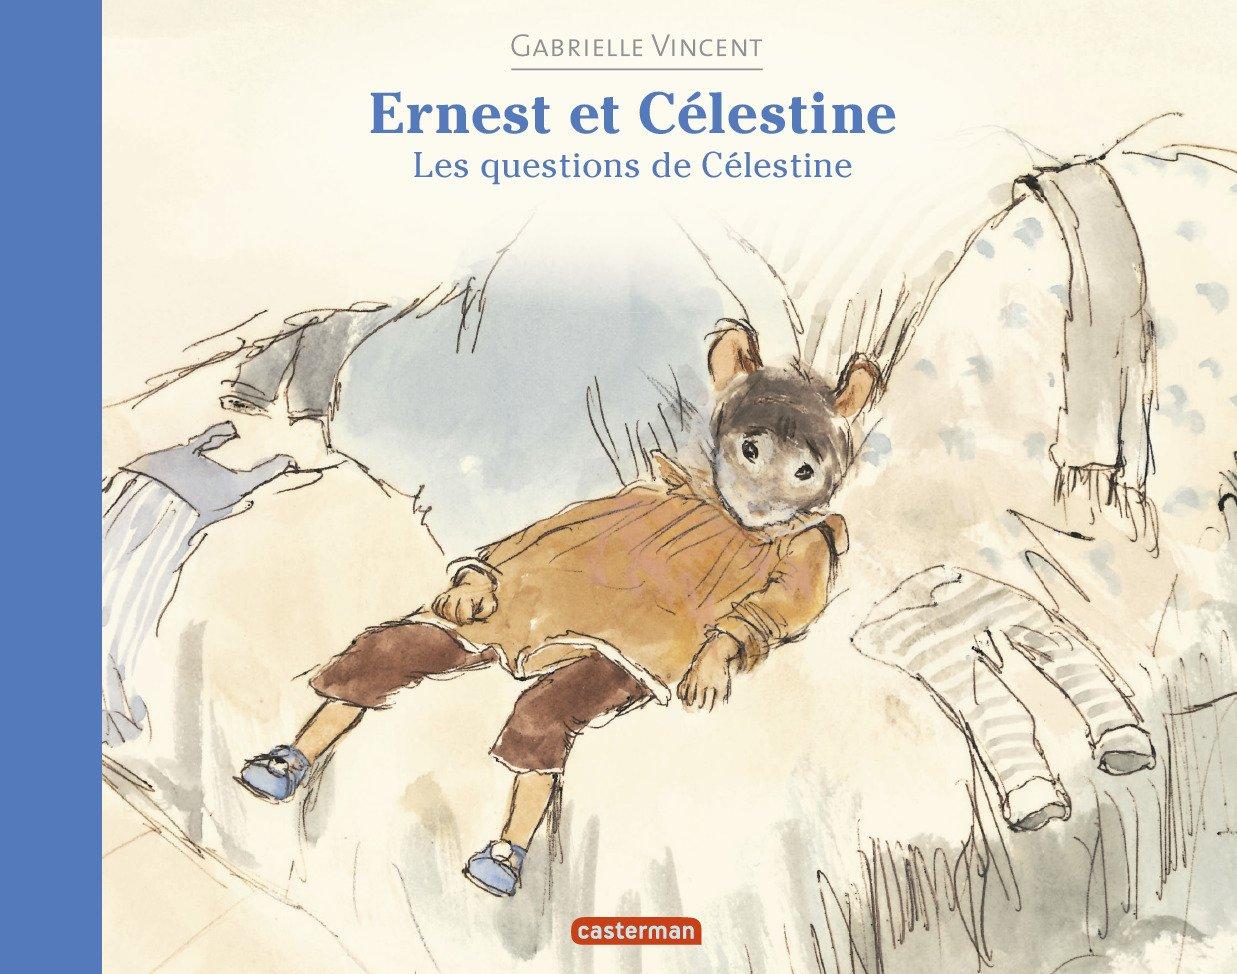 Ernest et Célestine les questions de Célestine